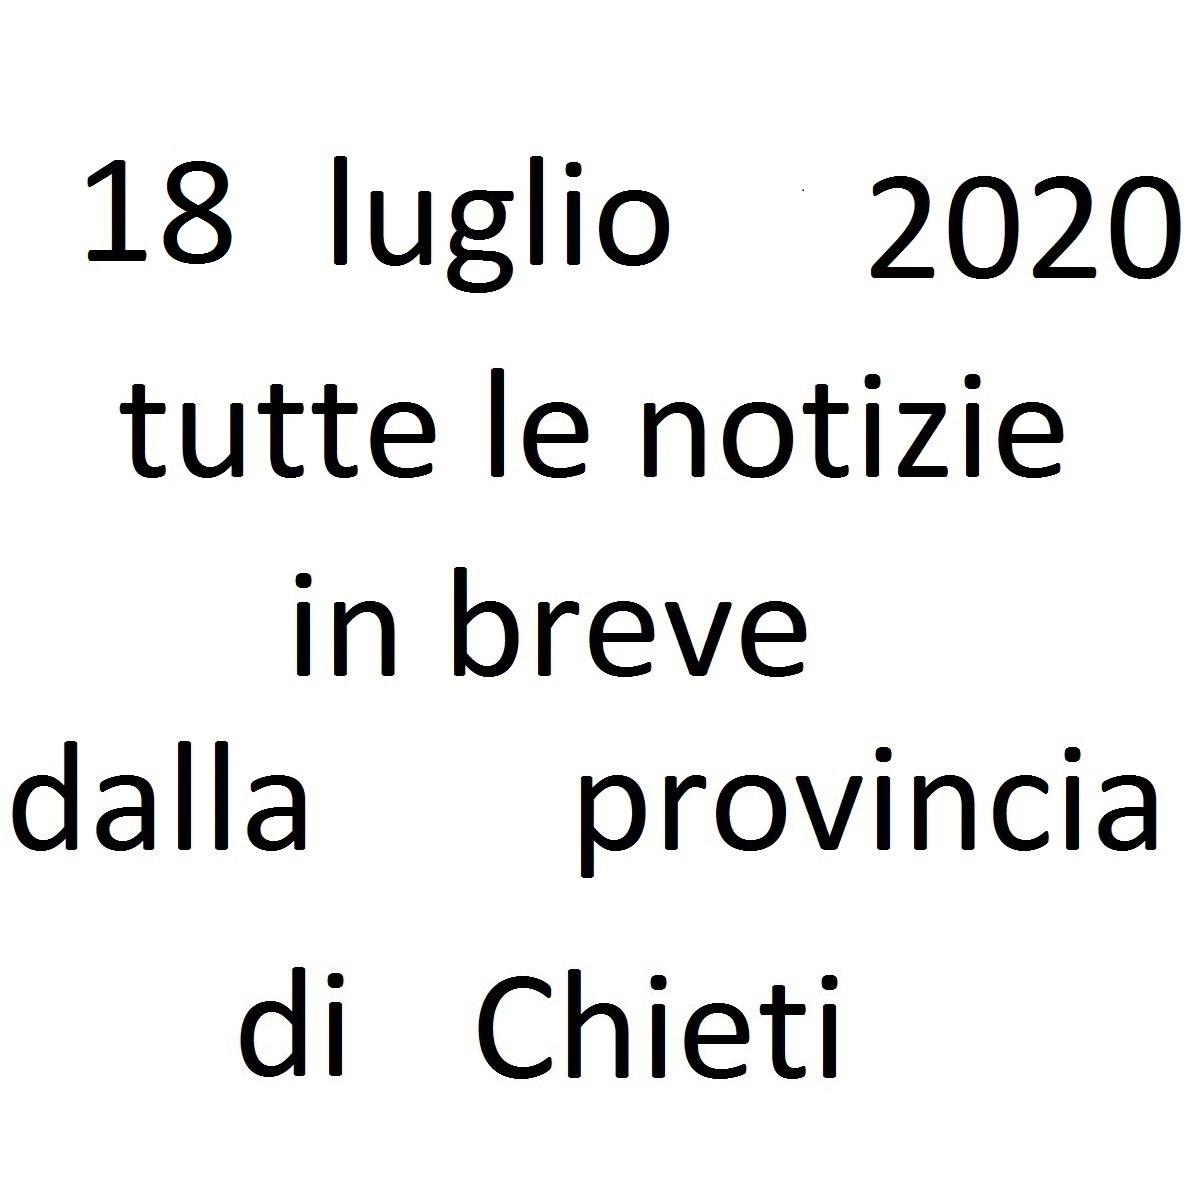 18 luglio 2020 notizie in breve dalla Provincia di Chieti foto